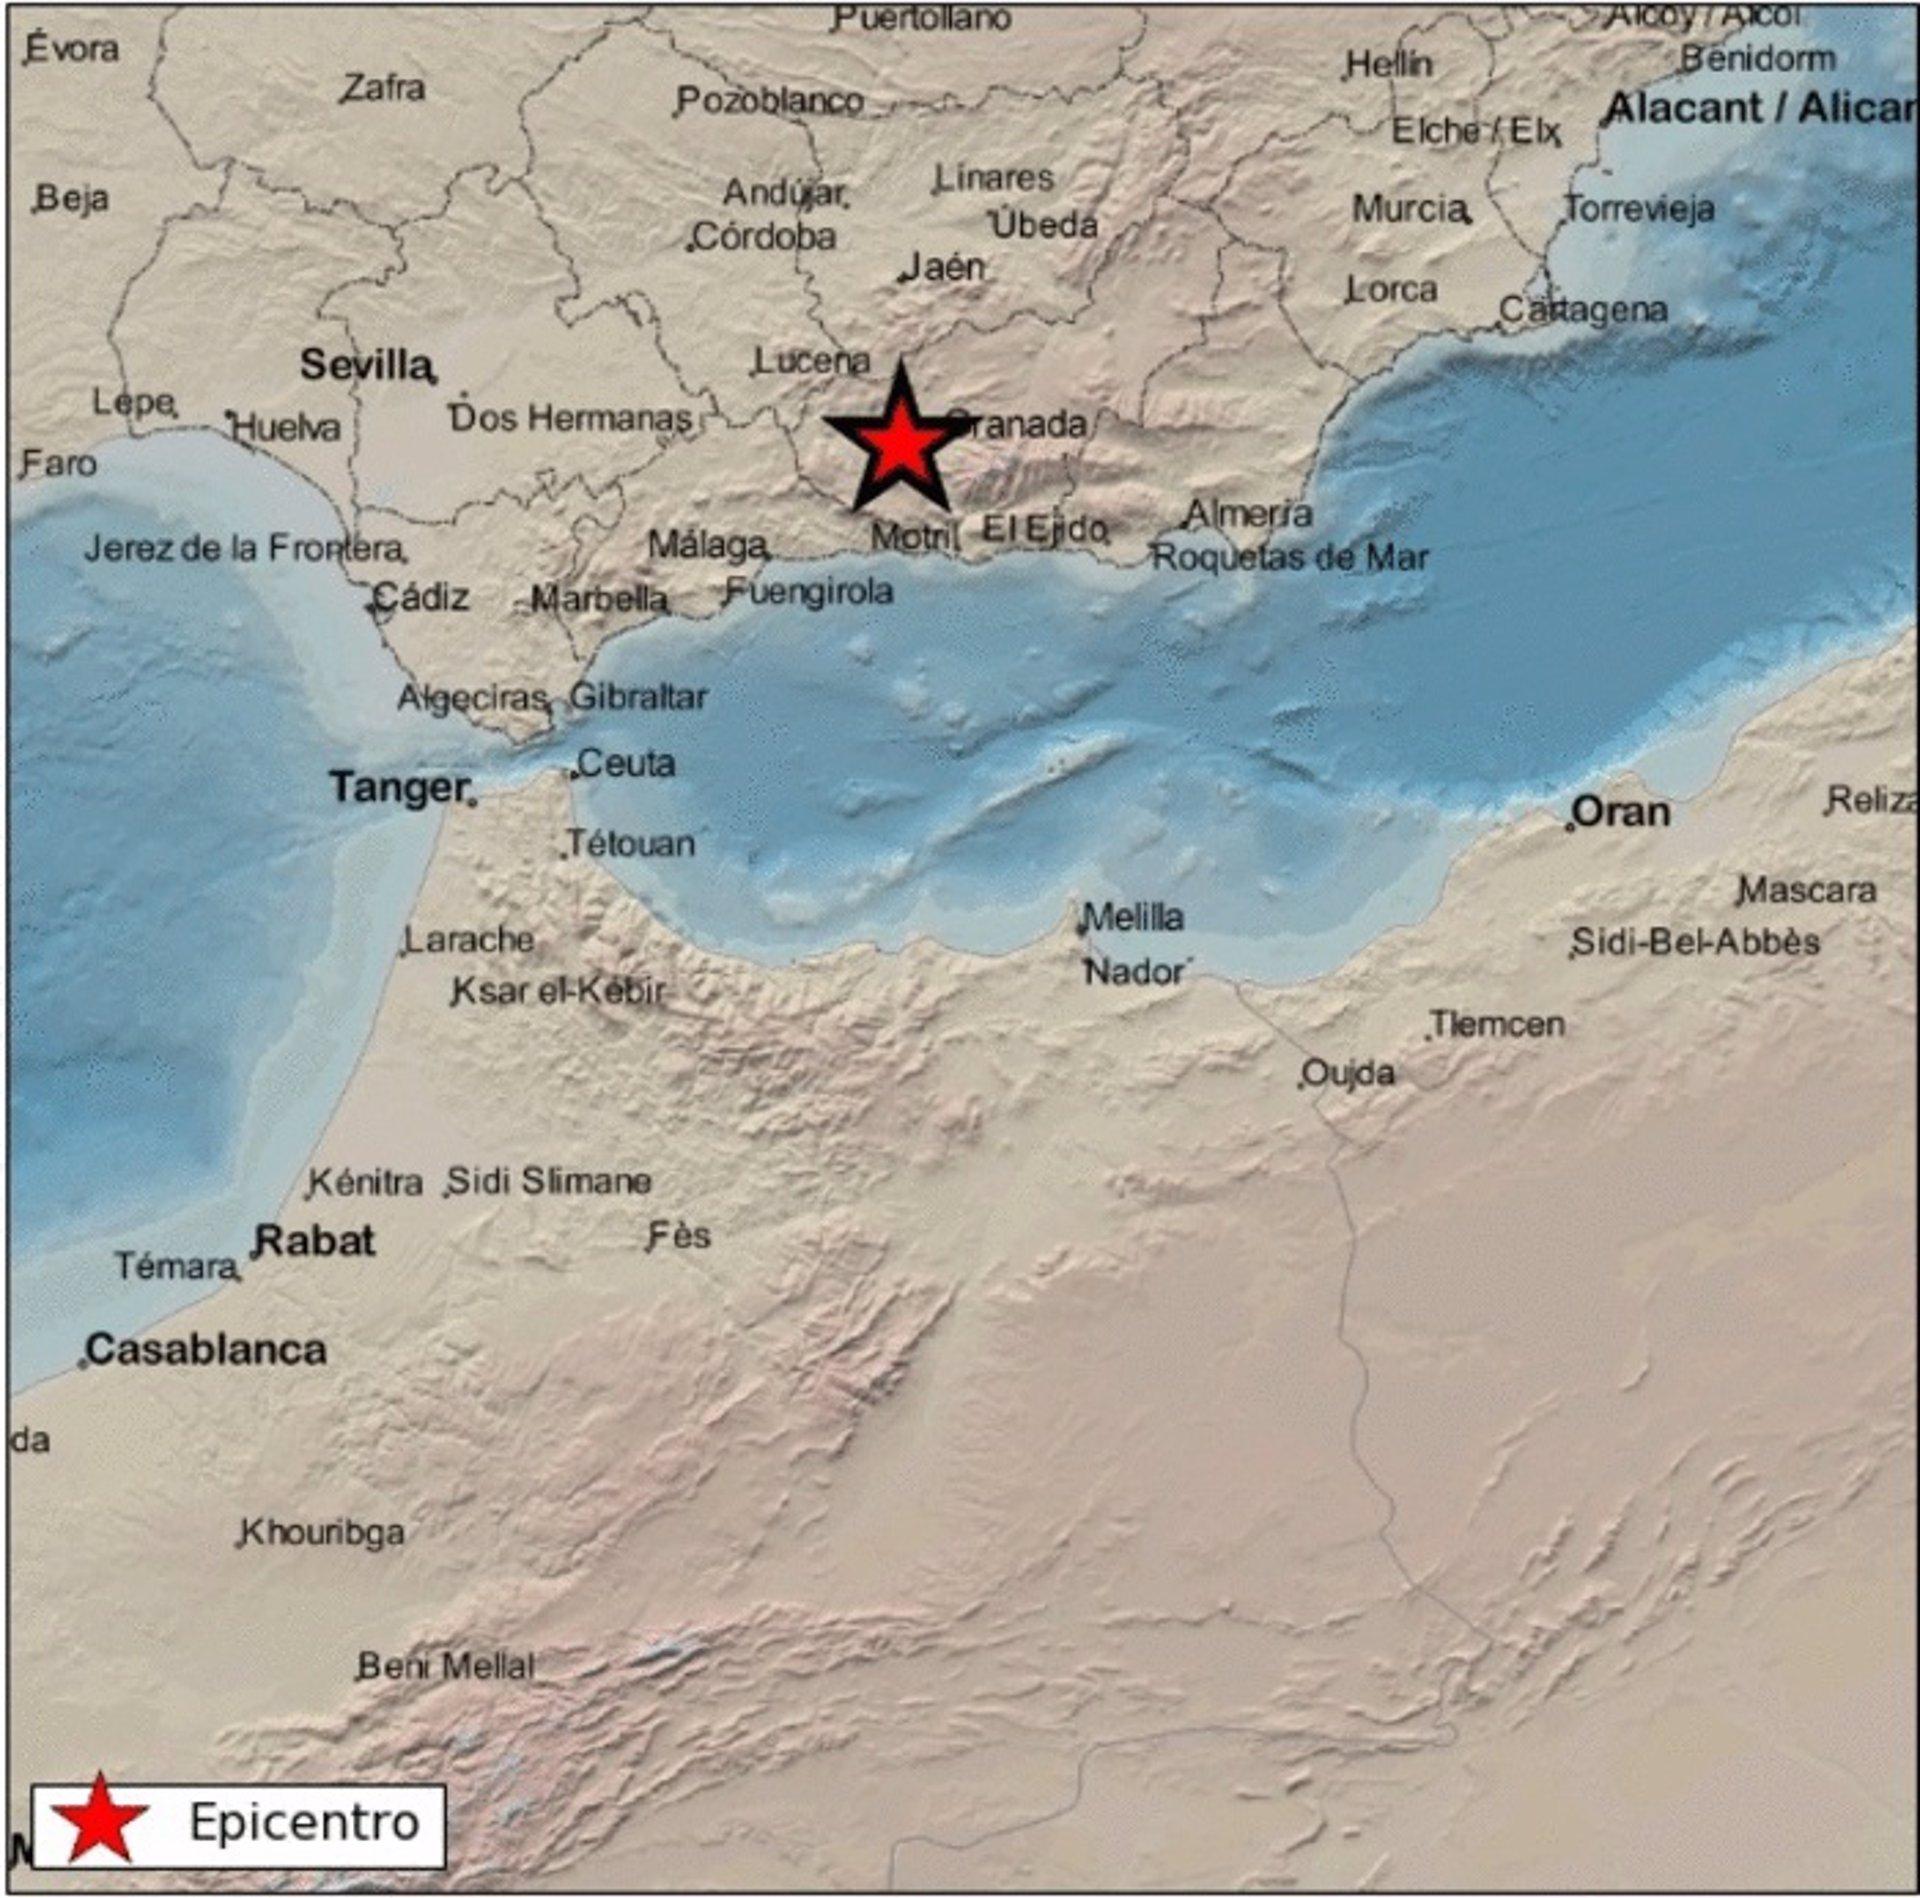 La provincia registra dos terremotos más, de magnitud 2,5 y 2,3, tras los de 4,5 y 3,1 de la pasada noche